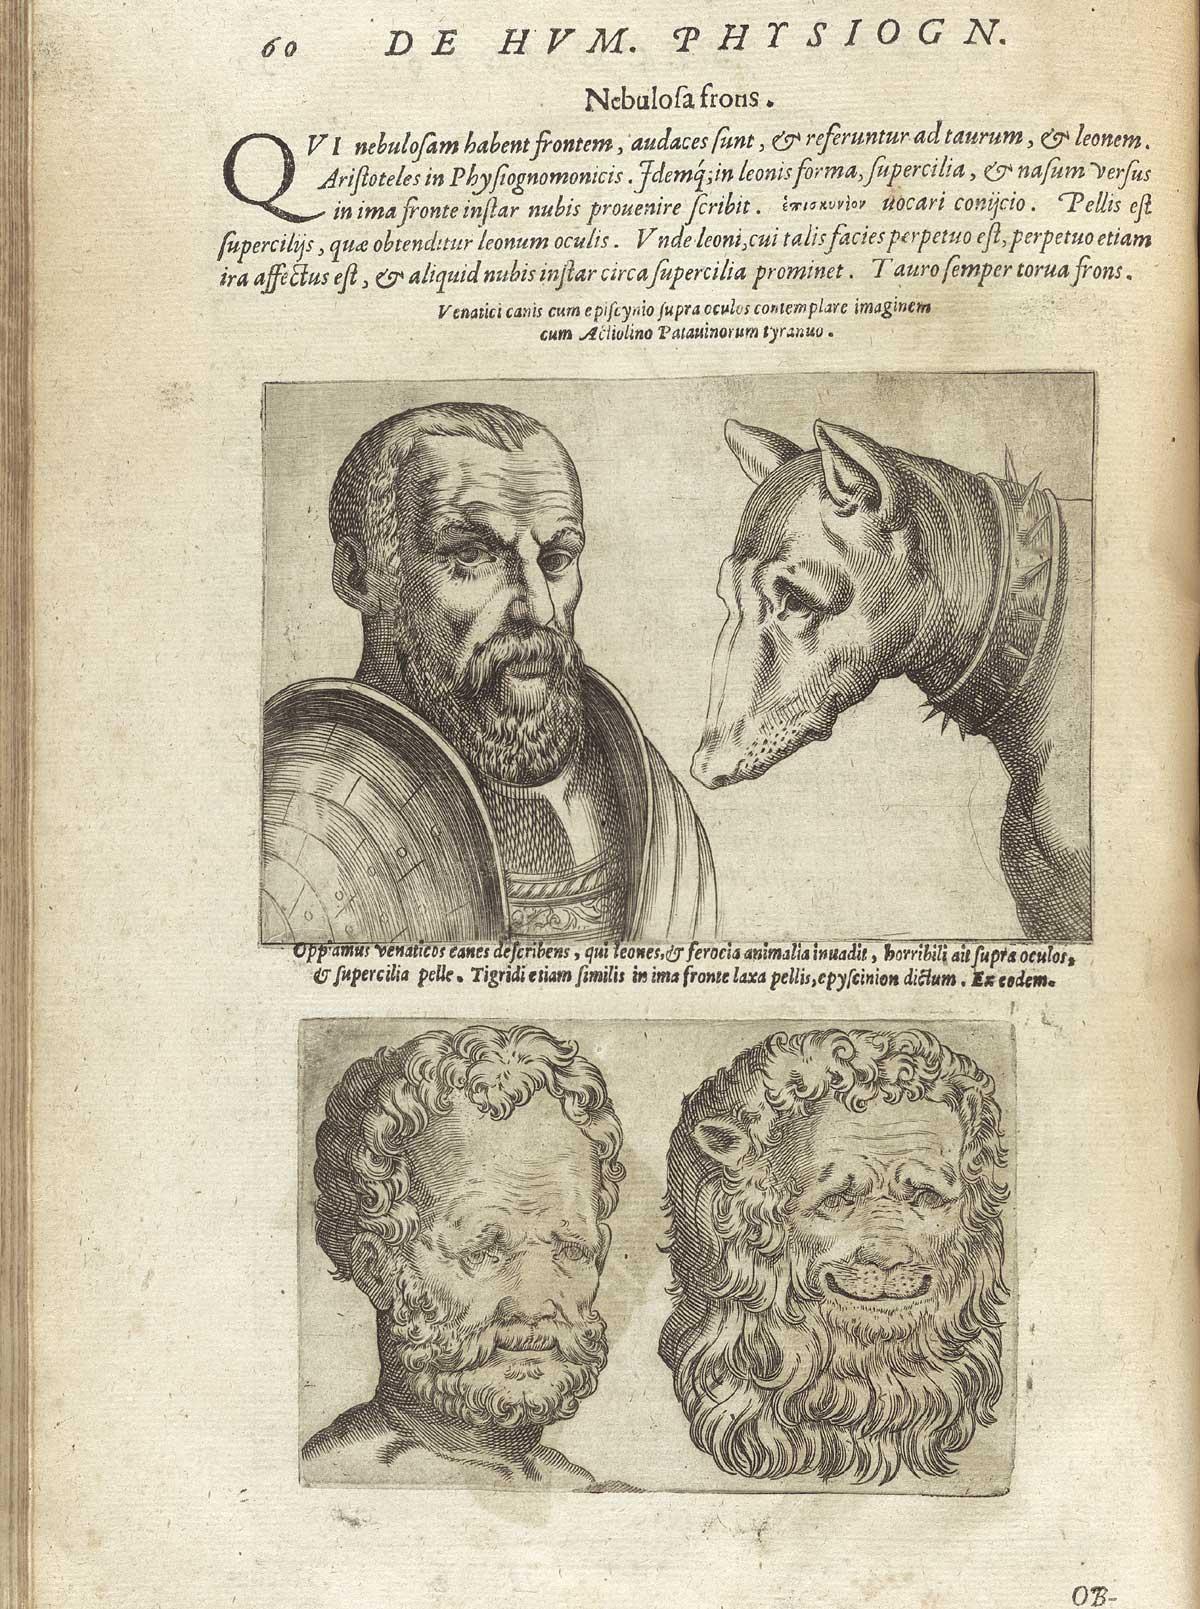 'De humana physiognomia' - 'De humana physiognomia' - Giambattista della Porta